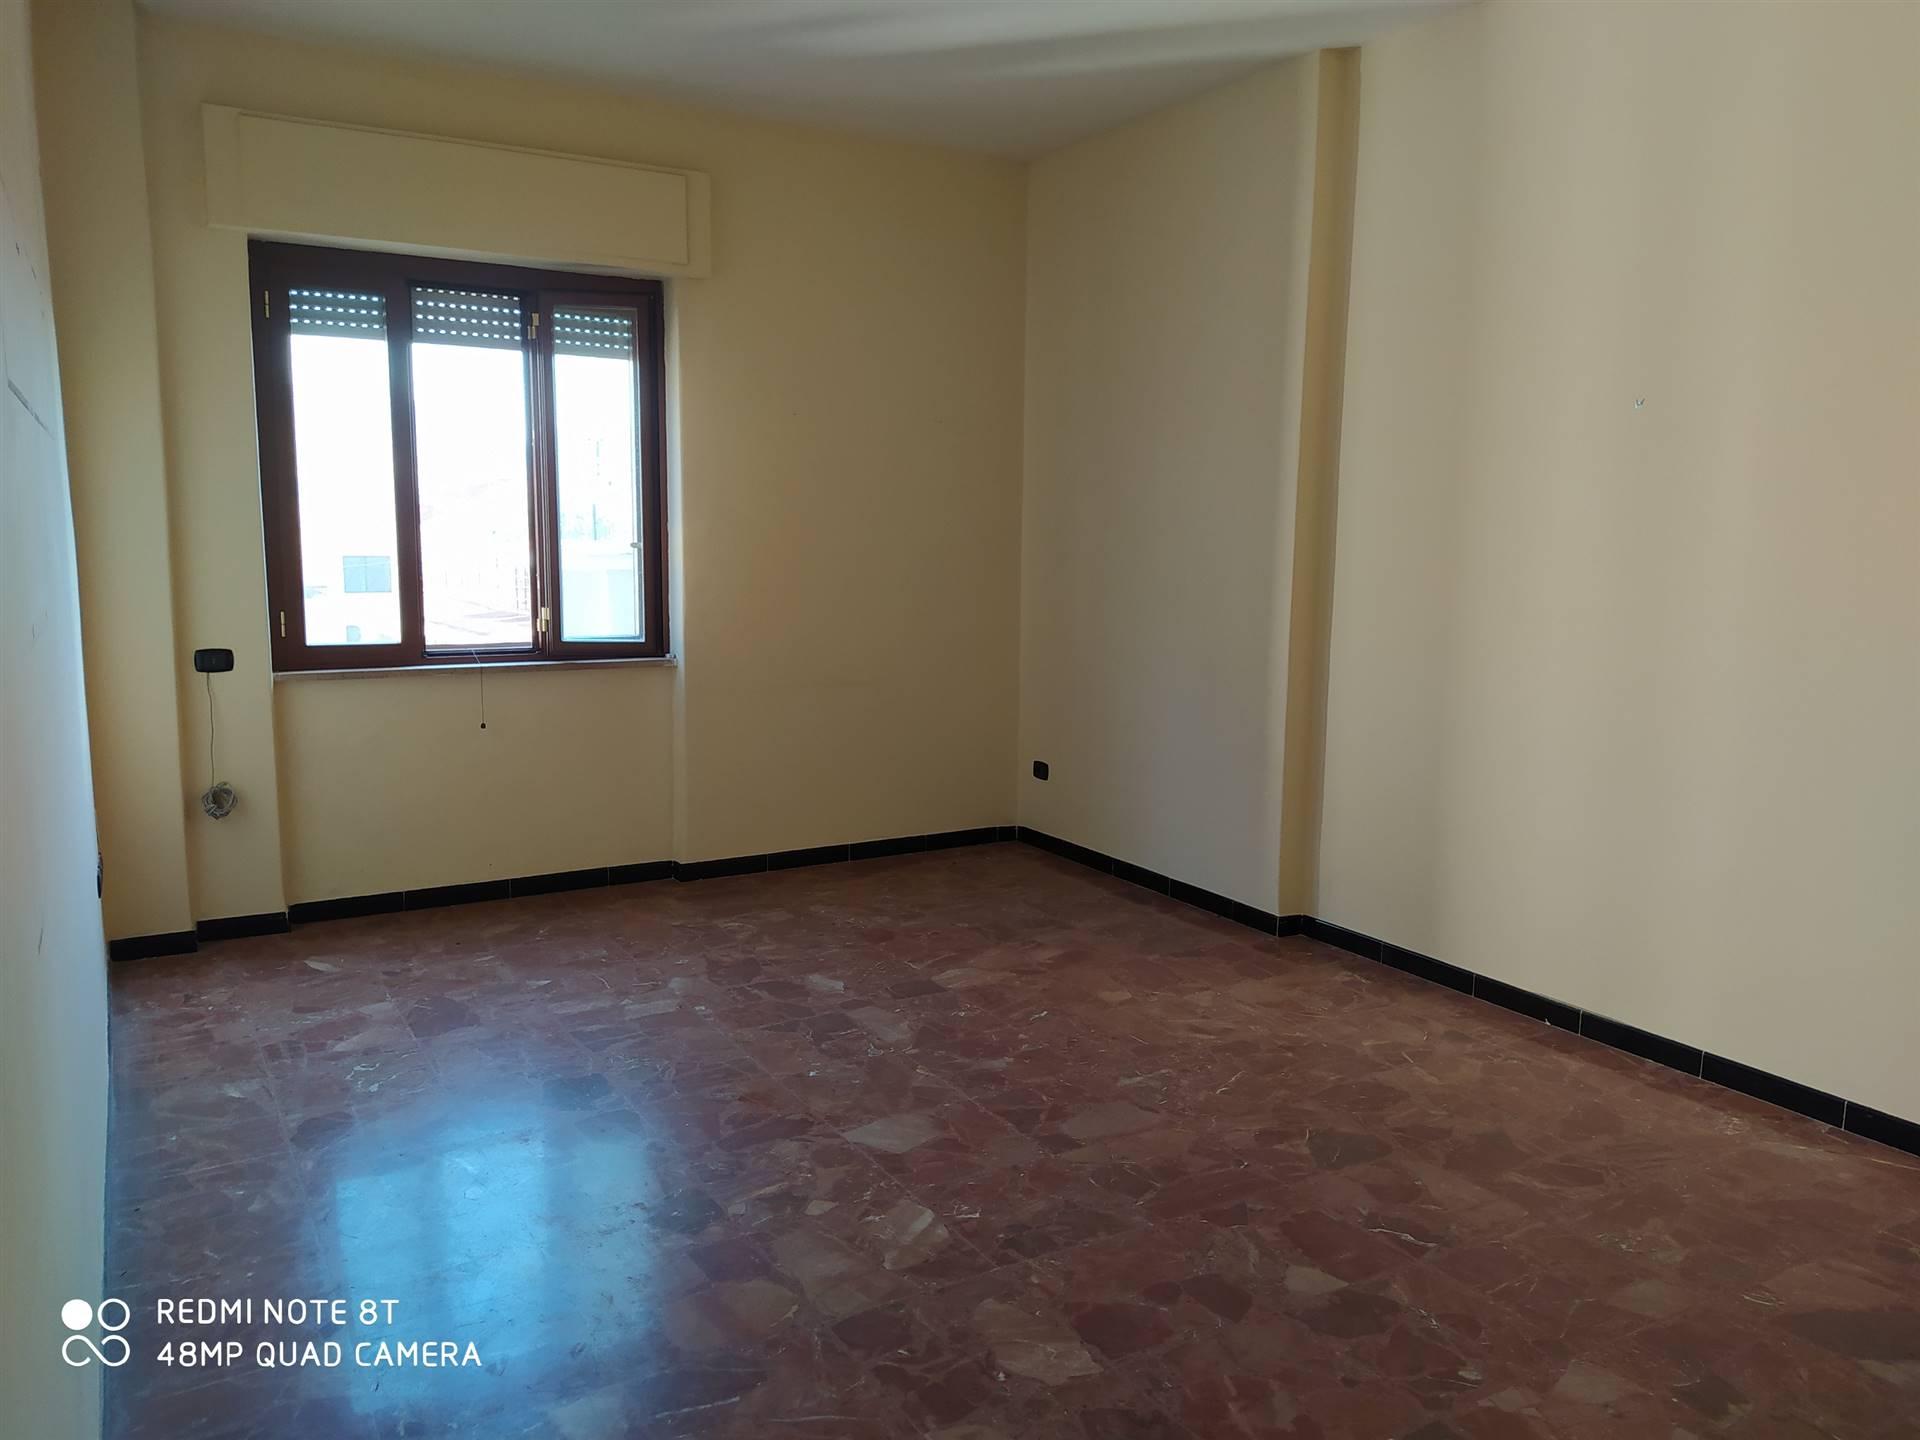 Appartamento in affitto a Nola, 4 locali, zona Località: NOLA, prezzo € 450 | CambioCasa.it